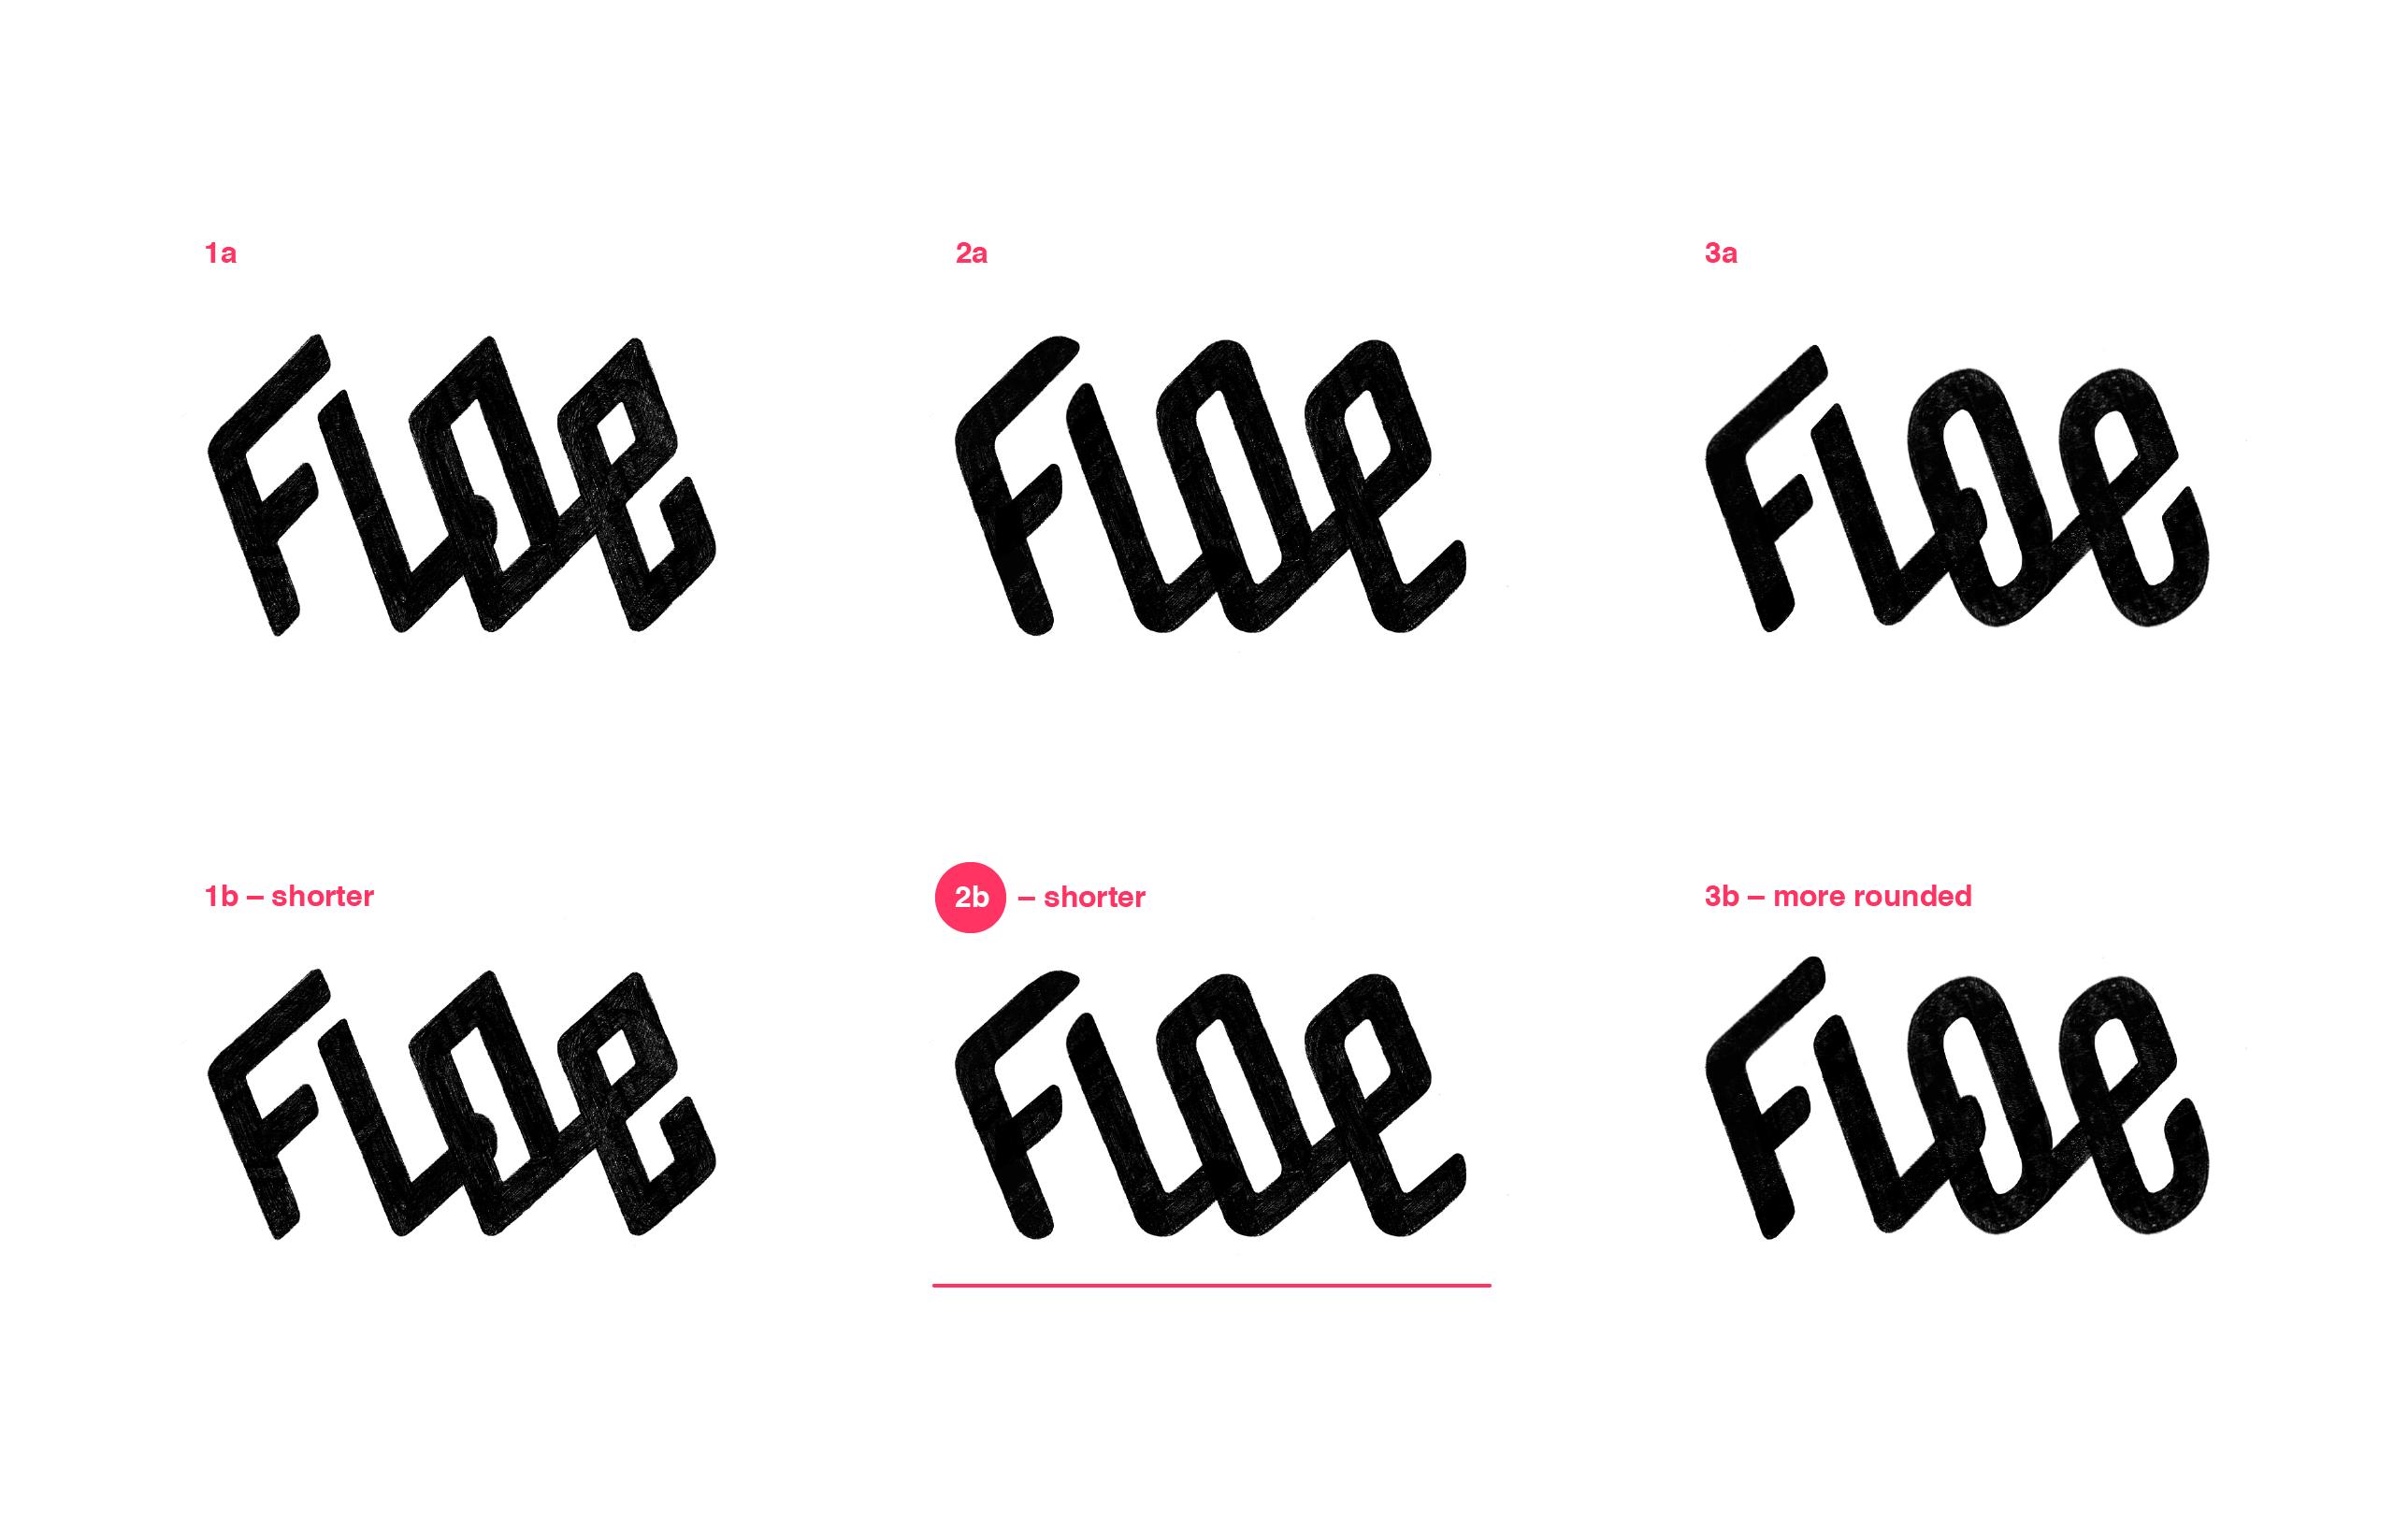 Dan_Forster_Floe_Logo_stage_3_designs